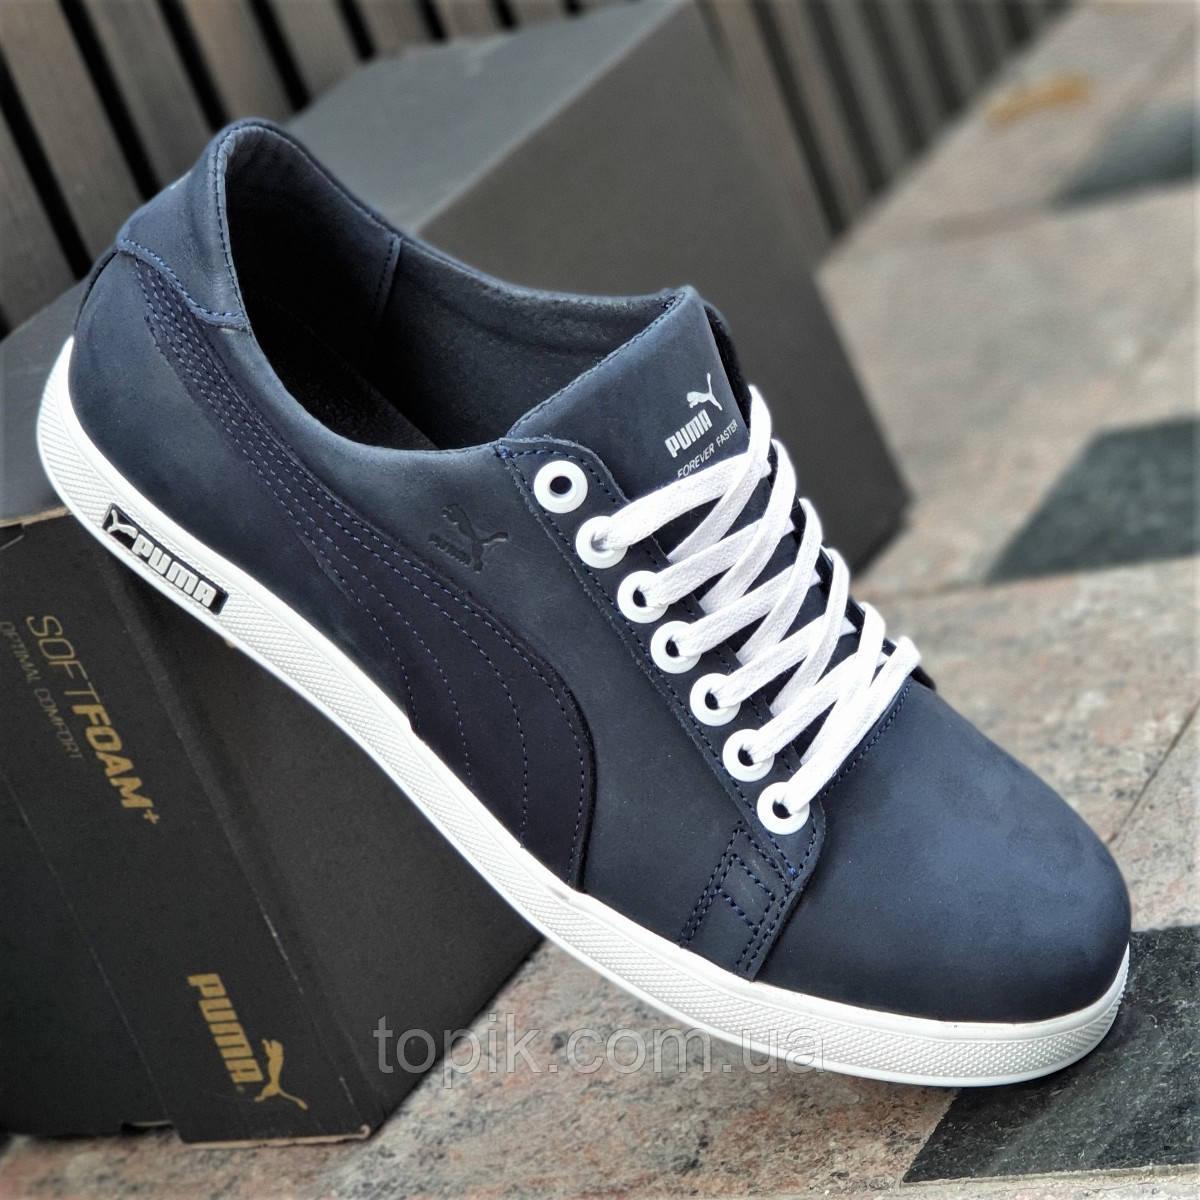 e25888a6 Стильные мужские кеды, кроссовки, мокасины темно синие кожаные, белая  подошва, крутые практичные